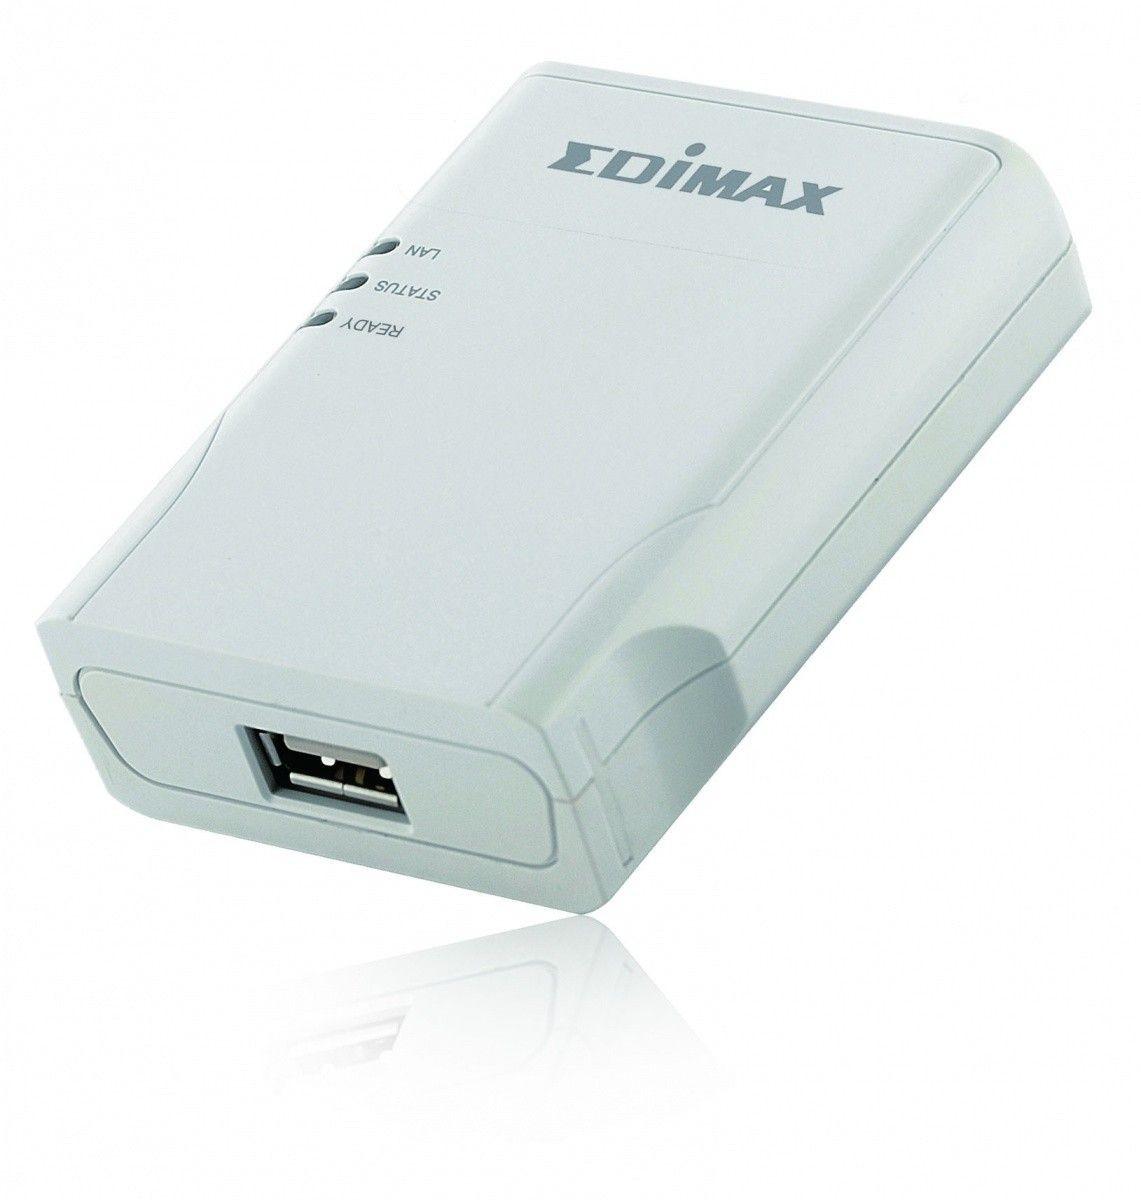 Edimax PS-1206U Print Server 1xFE USB 2.0